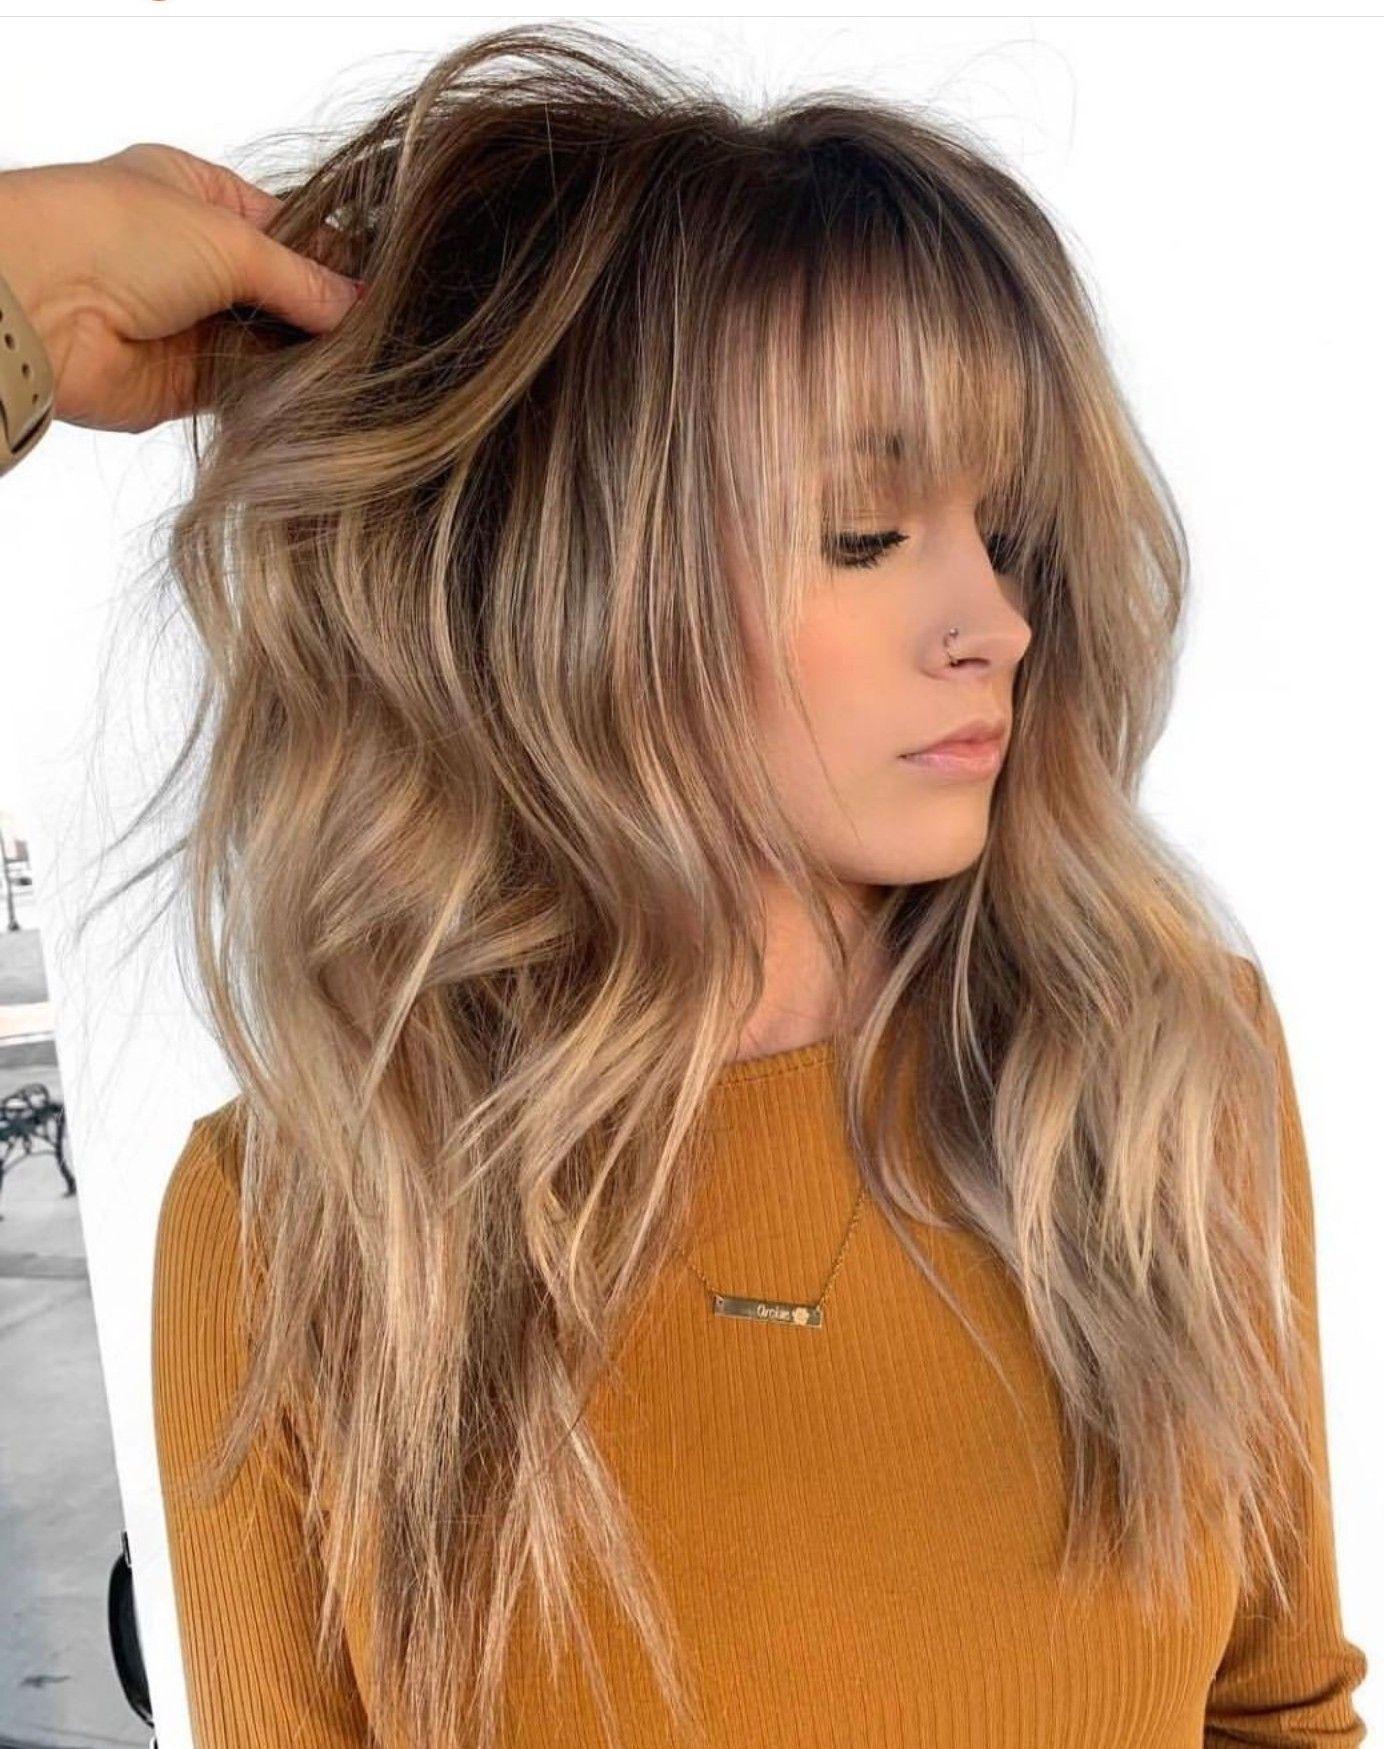 Hair Goals Hair Styles Long Hair Styles Haircuts For Long Hair